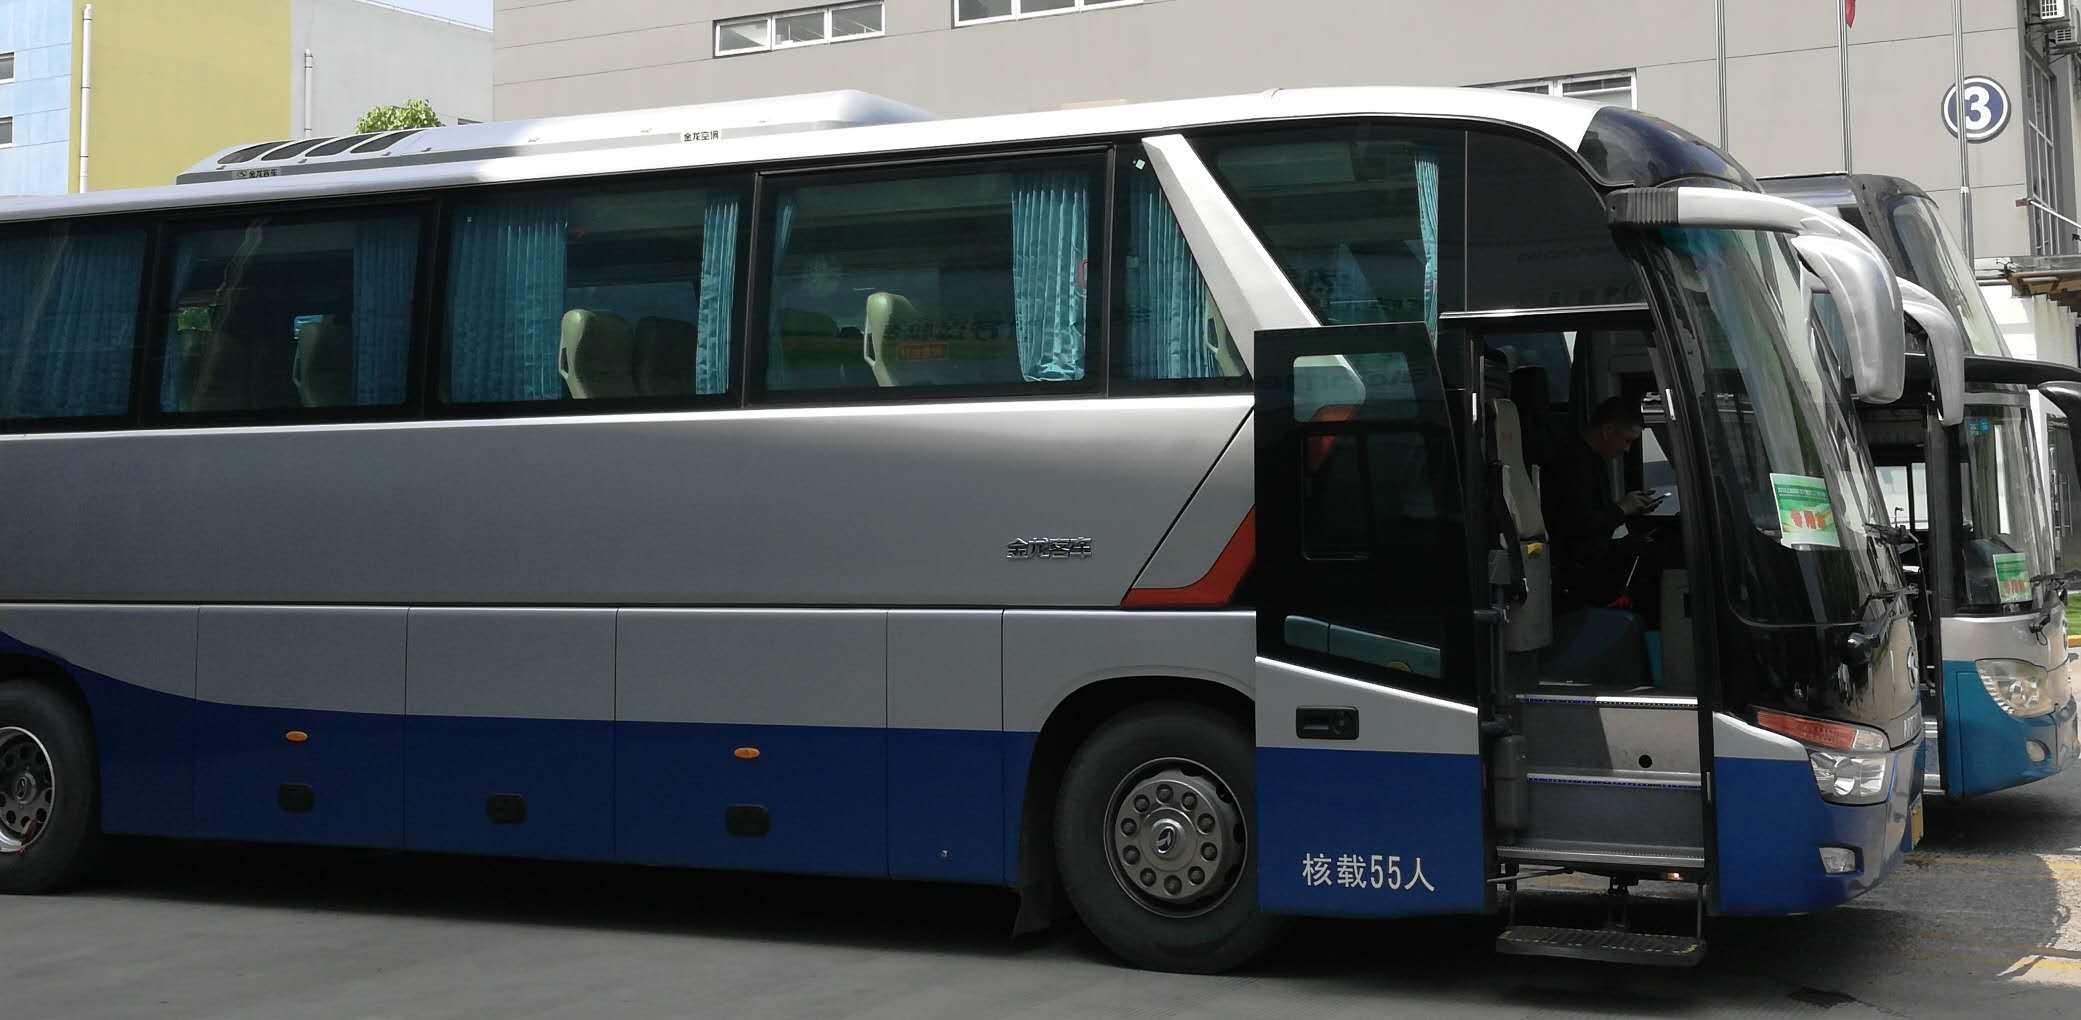 55人大巴车租赁